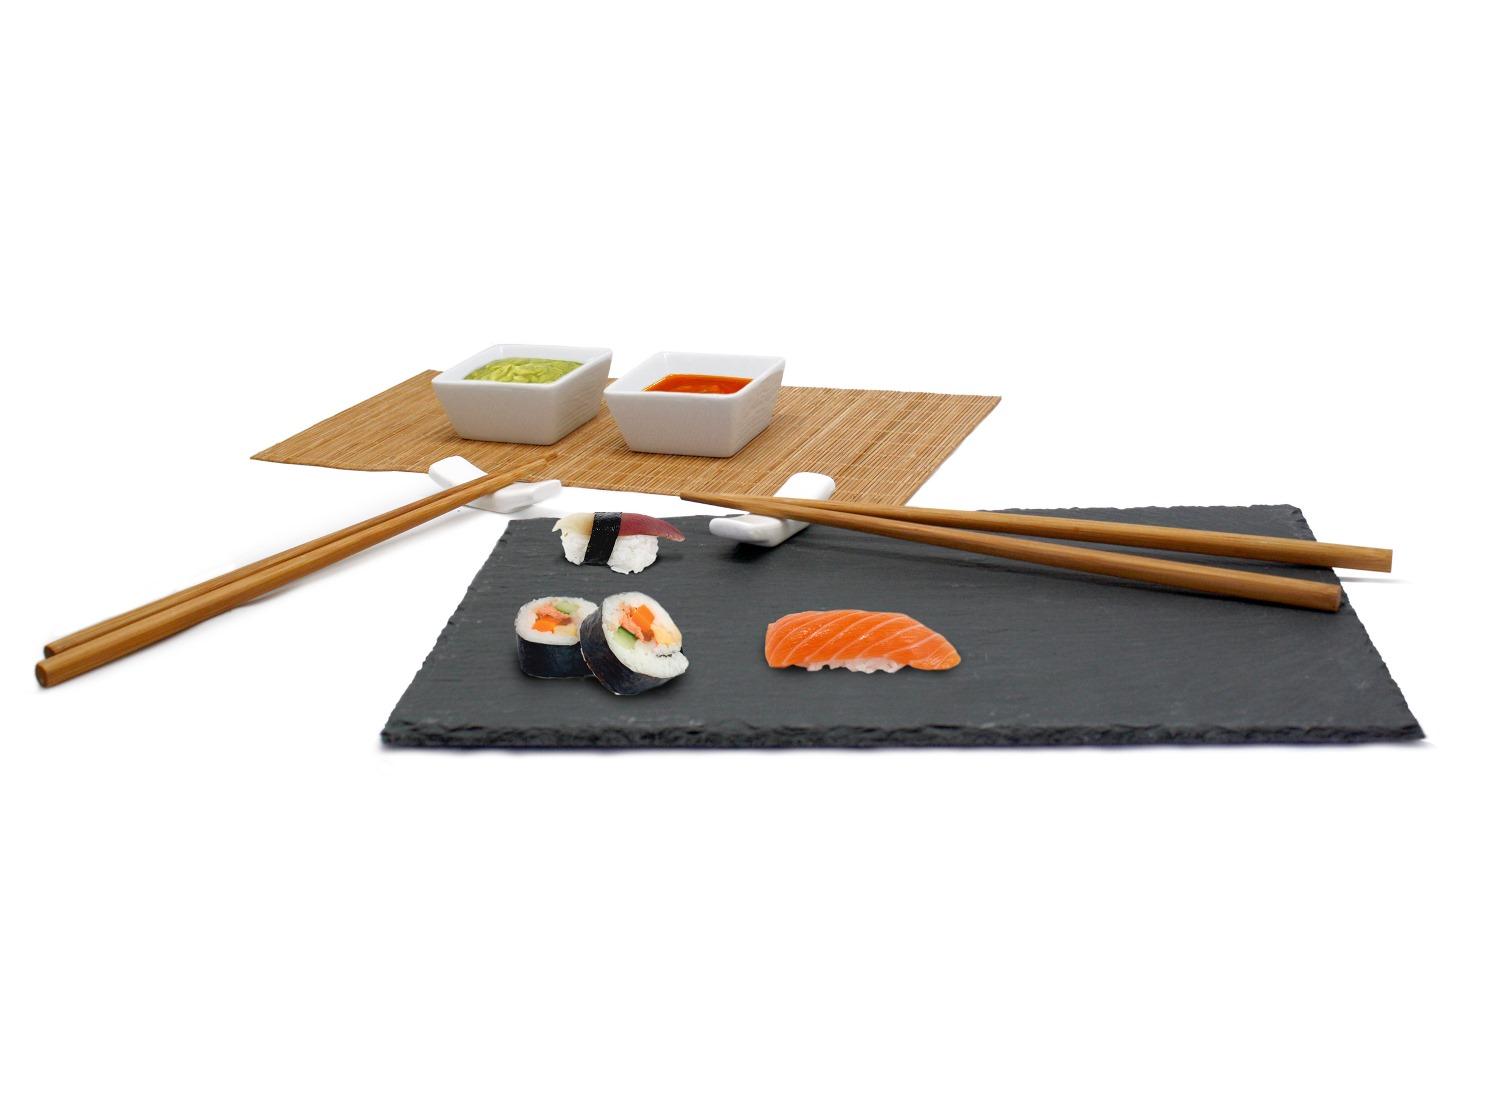 Онлайн каталог PROMENU: Набор для суши с гранитной доской и бамбуковой подставкой Nerthus, 7  предметов Nerthus FIH 092